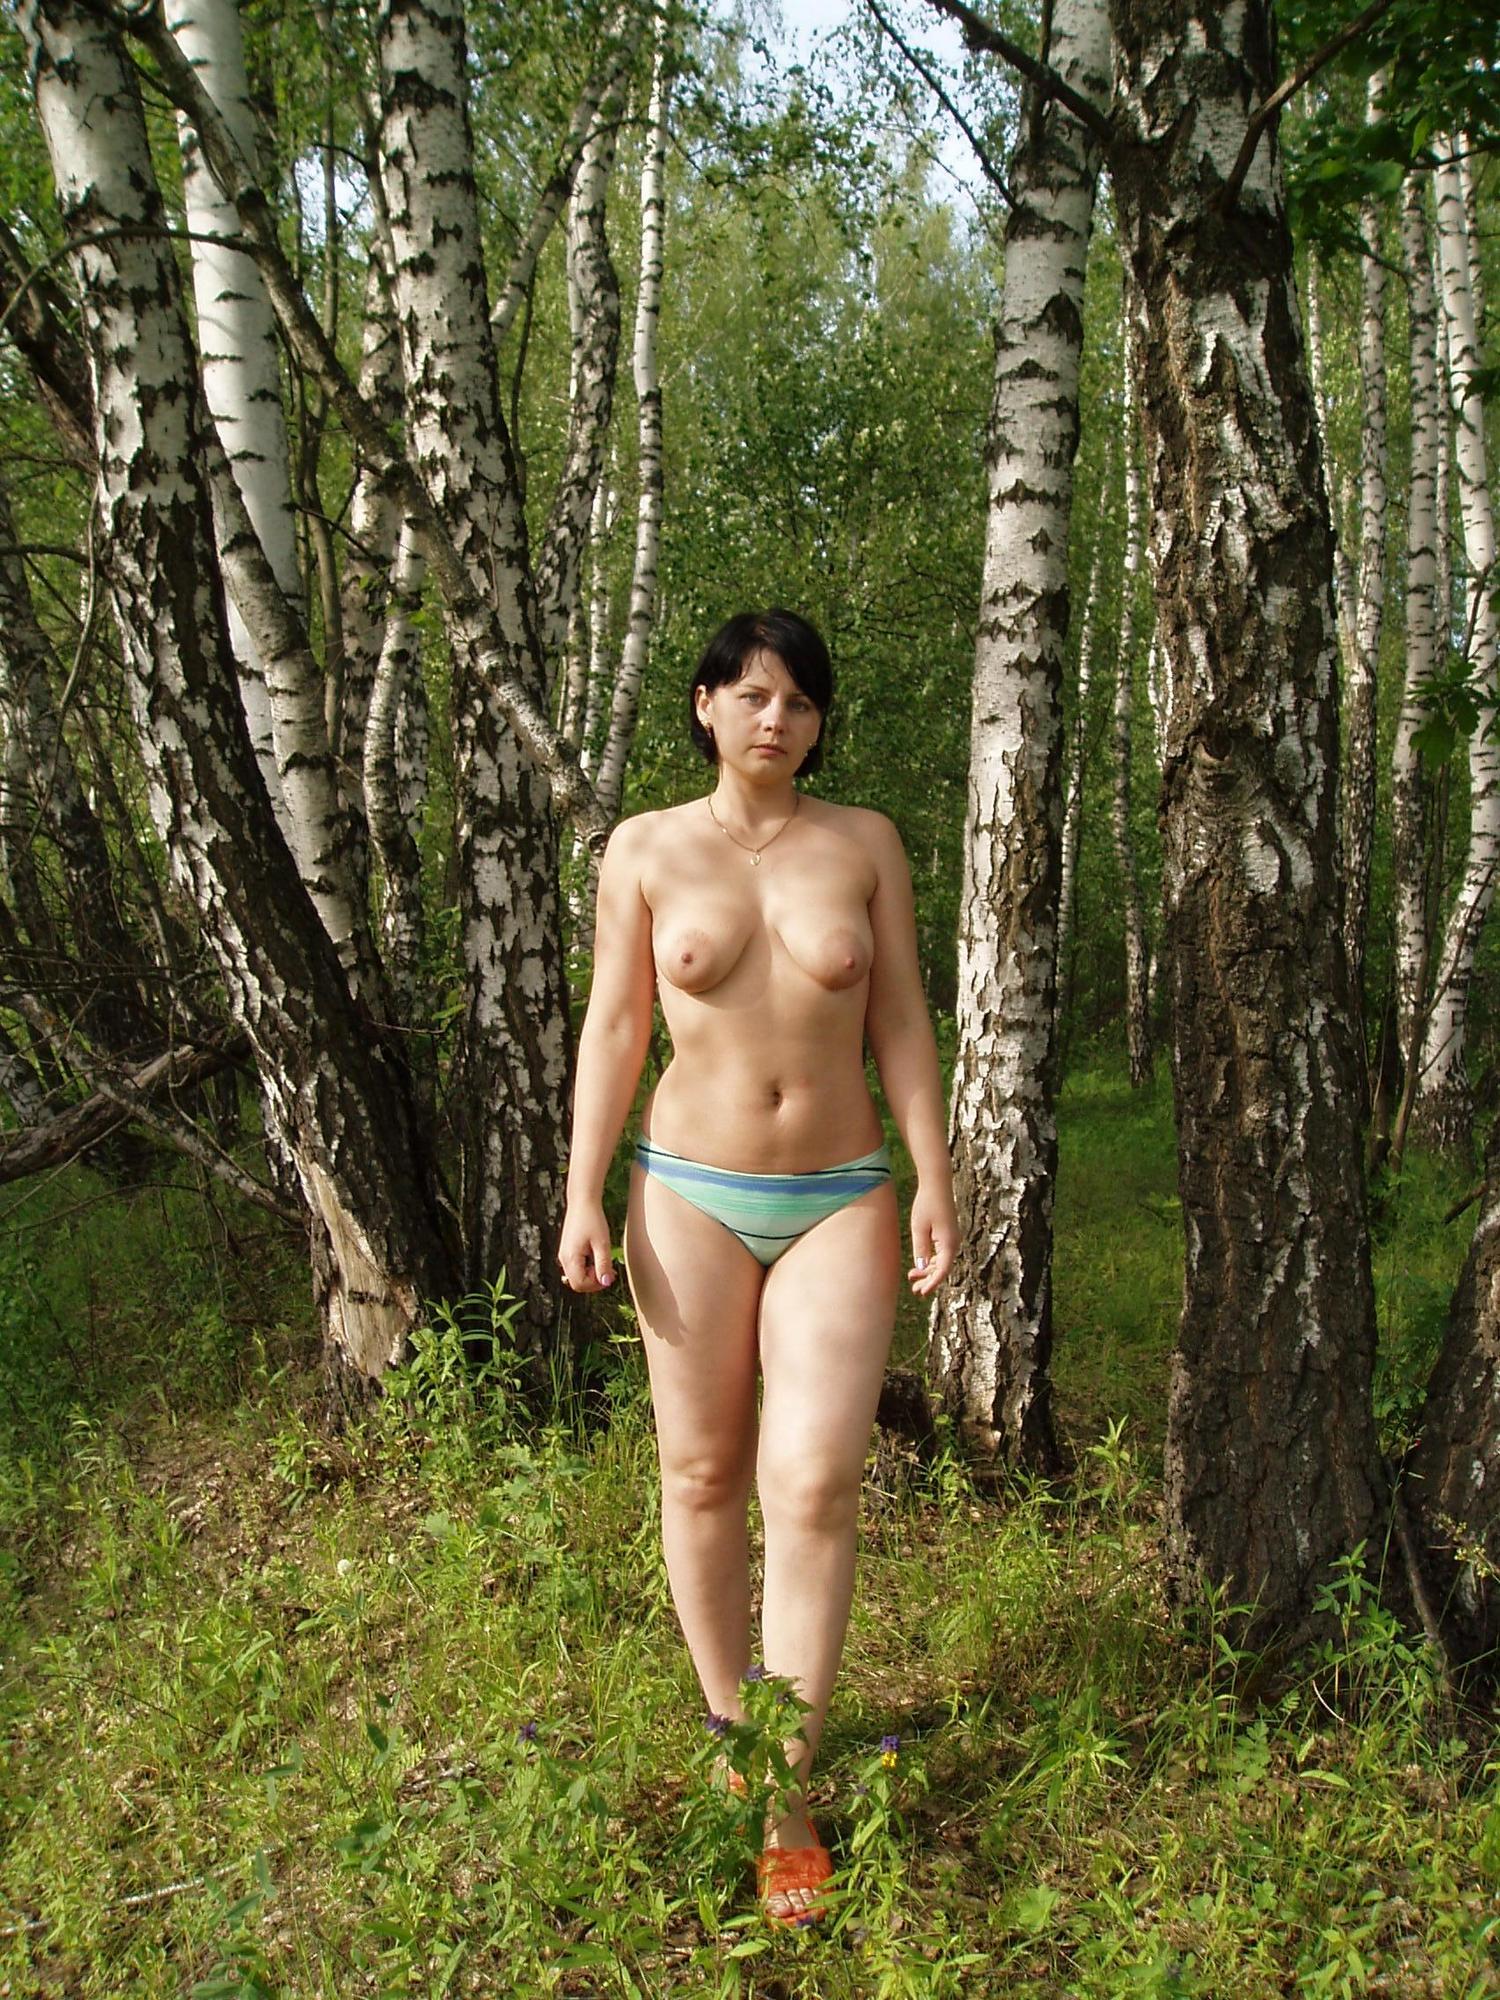 Мамка блистает в лесу горячей грудью третьего размера смотреть эротику